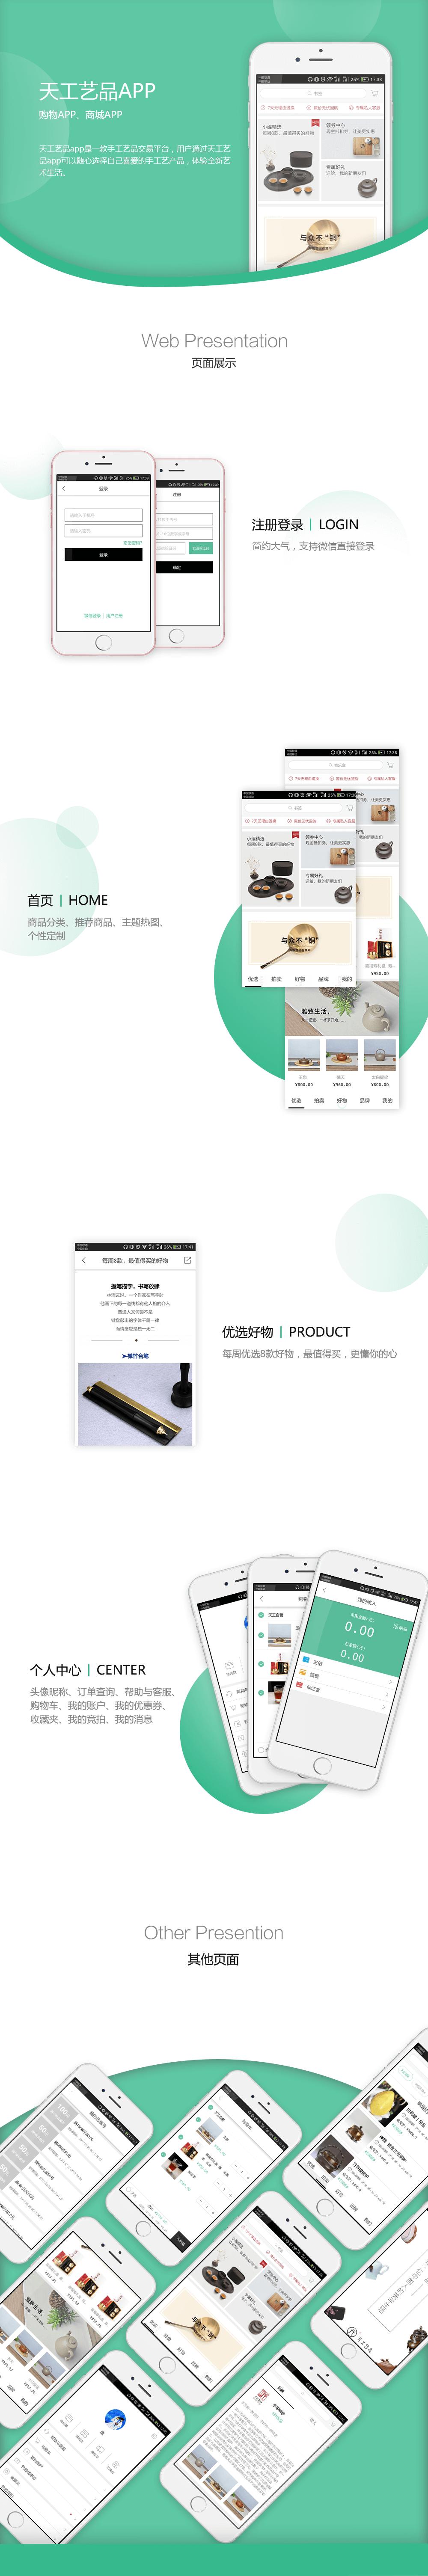 工艺品APP,IOS端app开发,IOS端APP开发案例,app开发案例